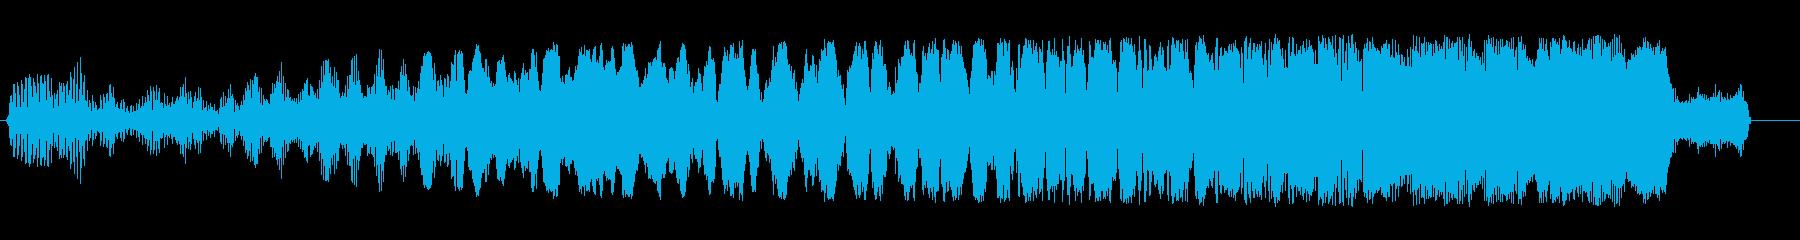 ビュイーン(低音から高音へ上昇する感じ)の再生済みの波形